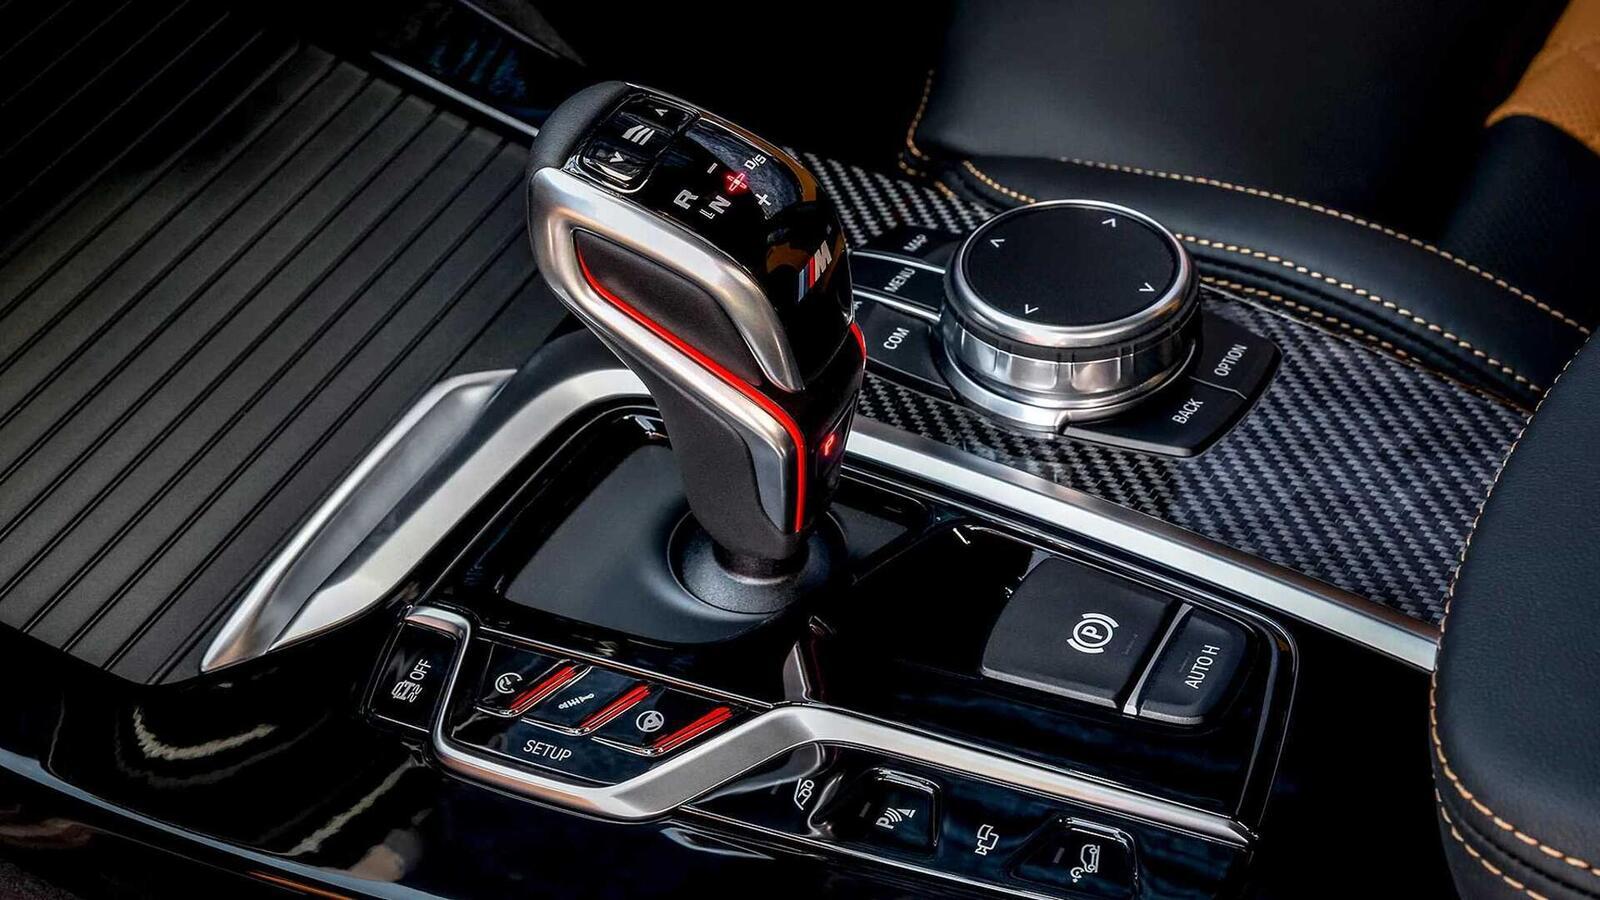 BMW X3 M và X4 M 2020 chính thức ra mắt: Mang trong mình sức mạnh từ 473 - 503 mã lực - Hình 22